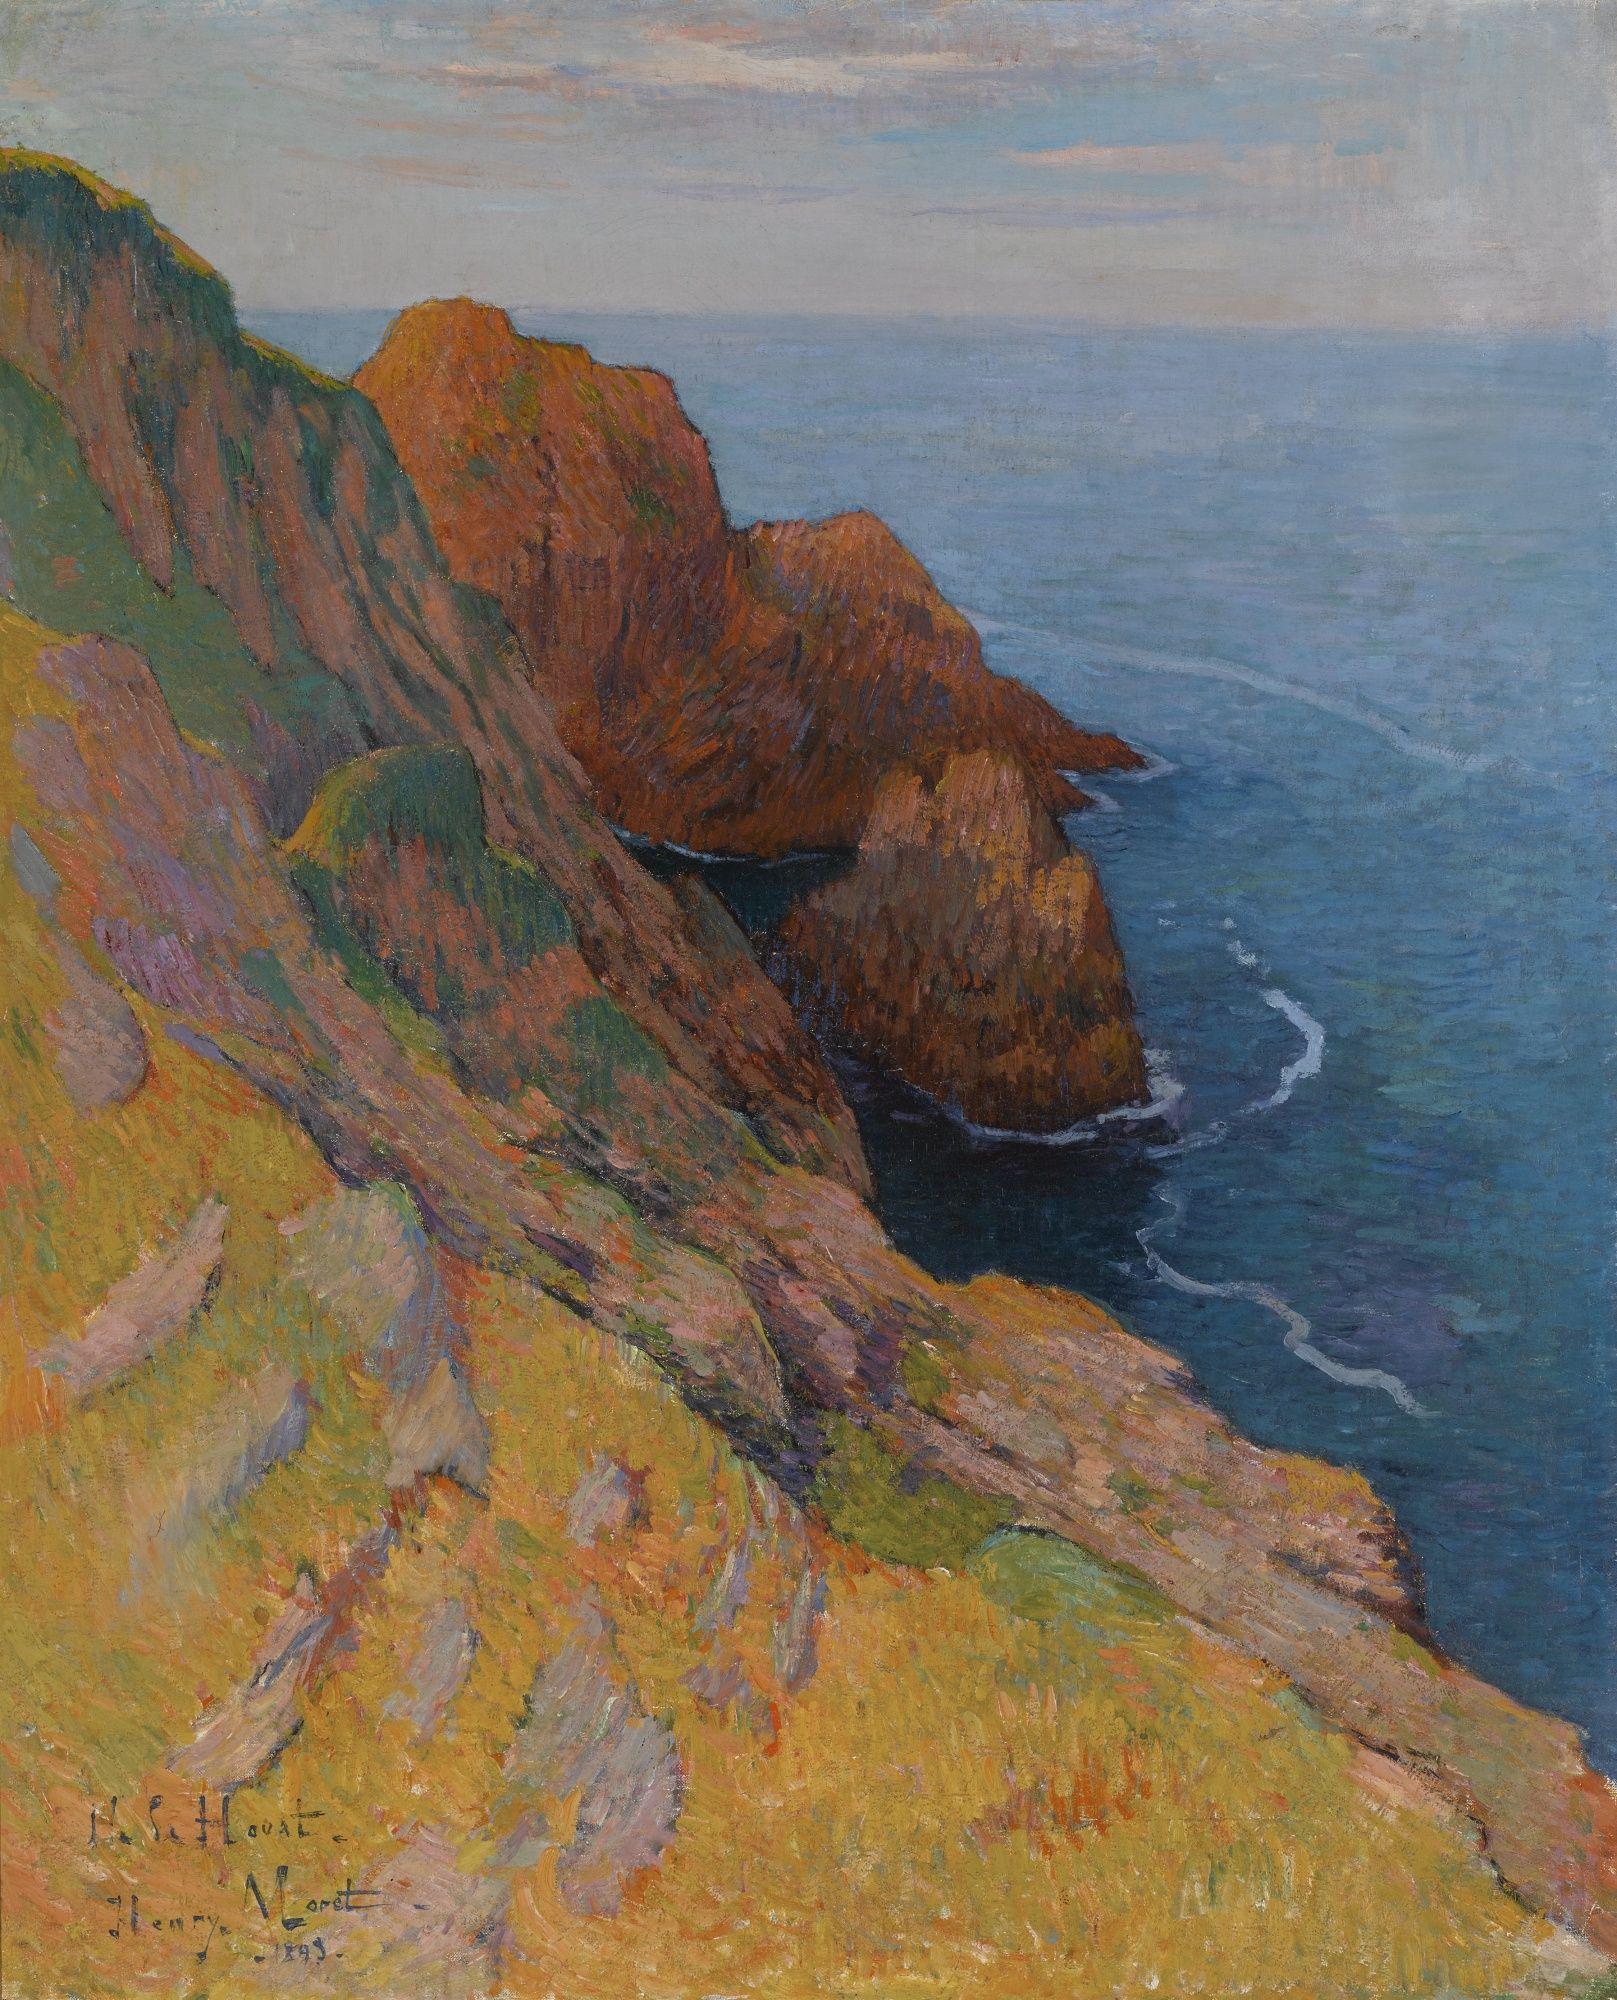 moret henry the le de houat bri | landscape | sotheby's hk0702lot95hgben |  Landscape paintings, Monet art, Landscape